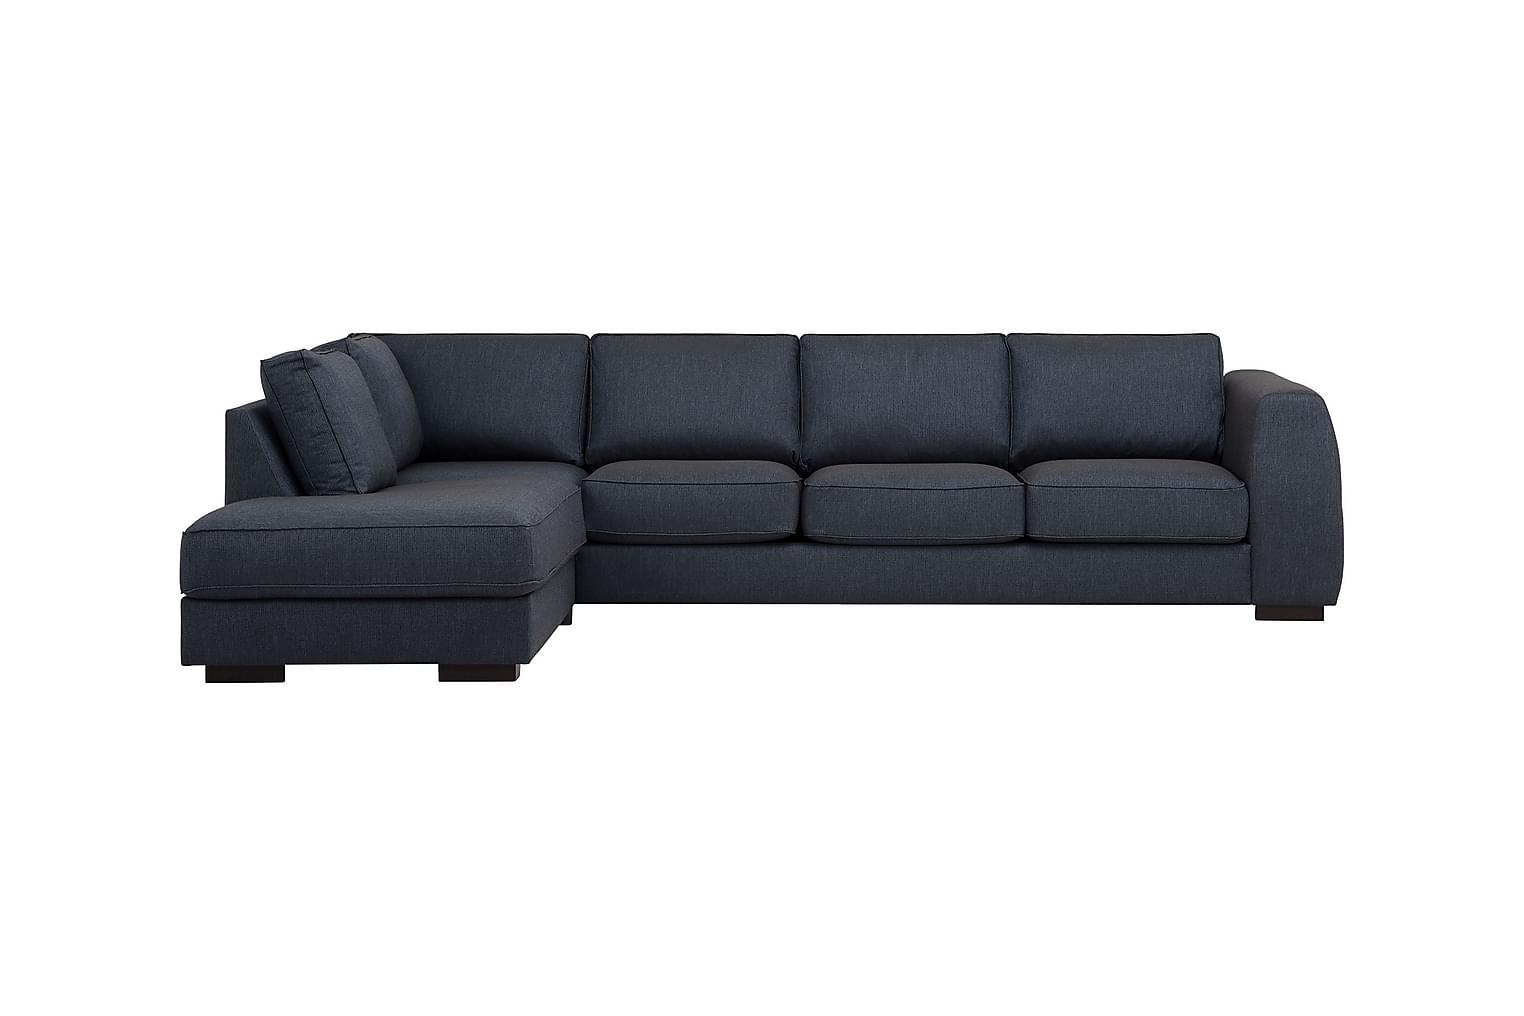 MEMPHIS L-sohva Vasen Sininen